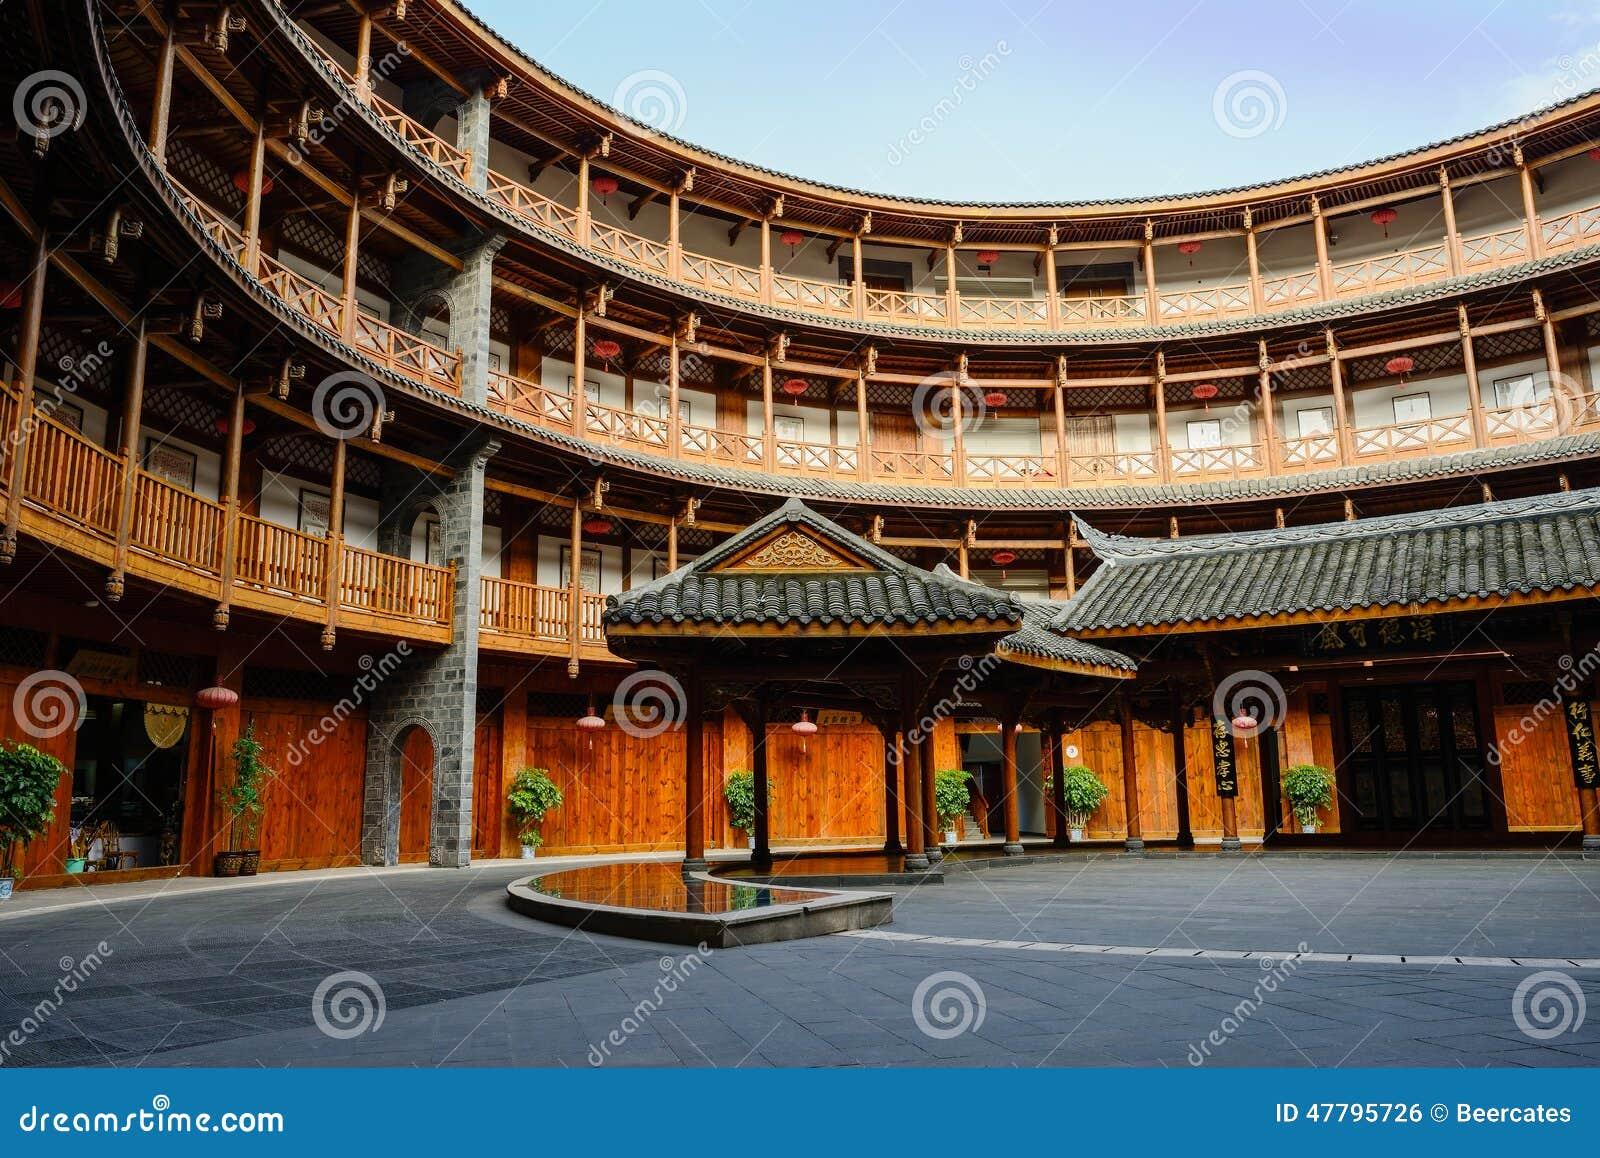 Duplicaat van Fujian Tulou, de cirkel aarden woningsbouw, binnen